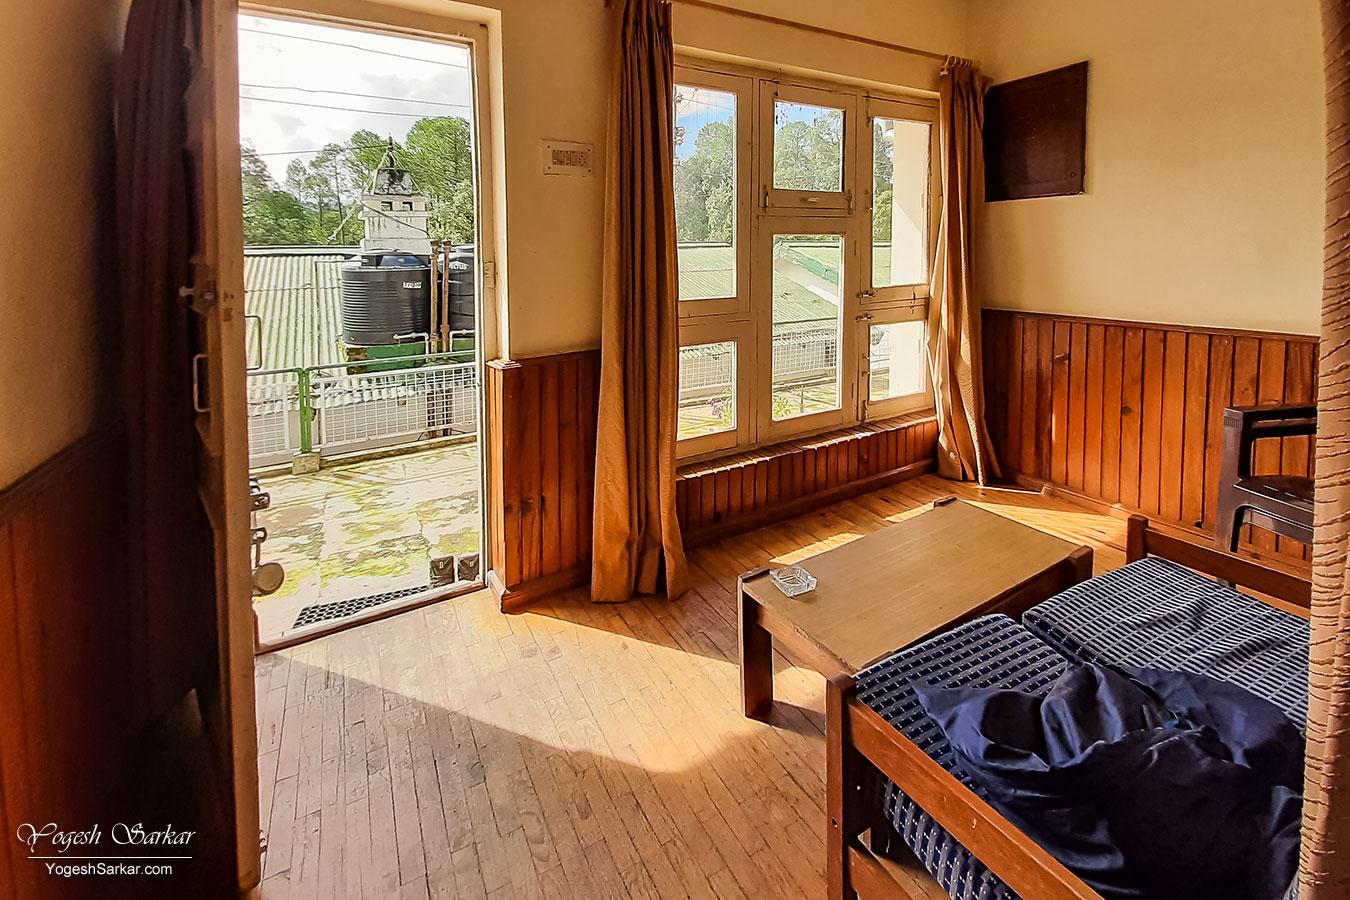 42-super-deluxe-room-kmvn-ranikhet.jpg